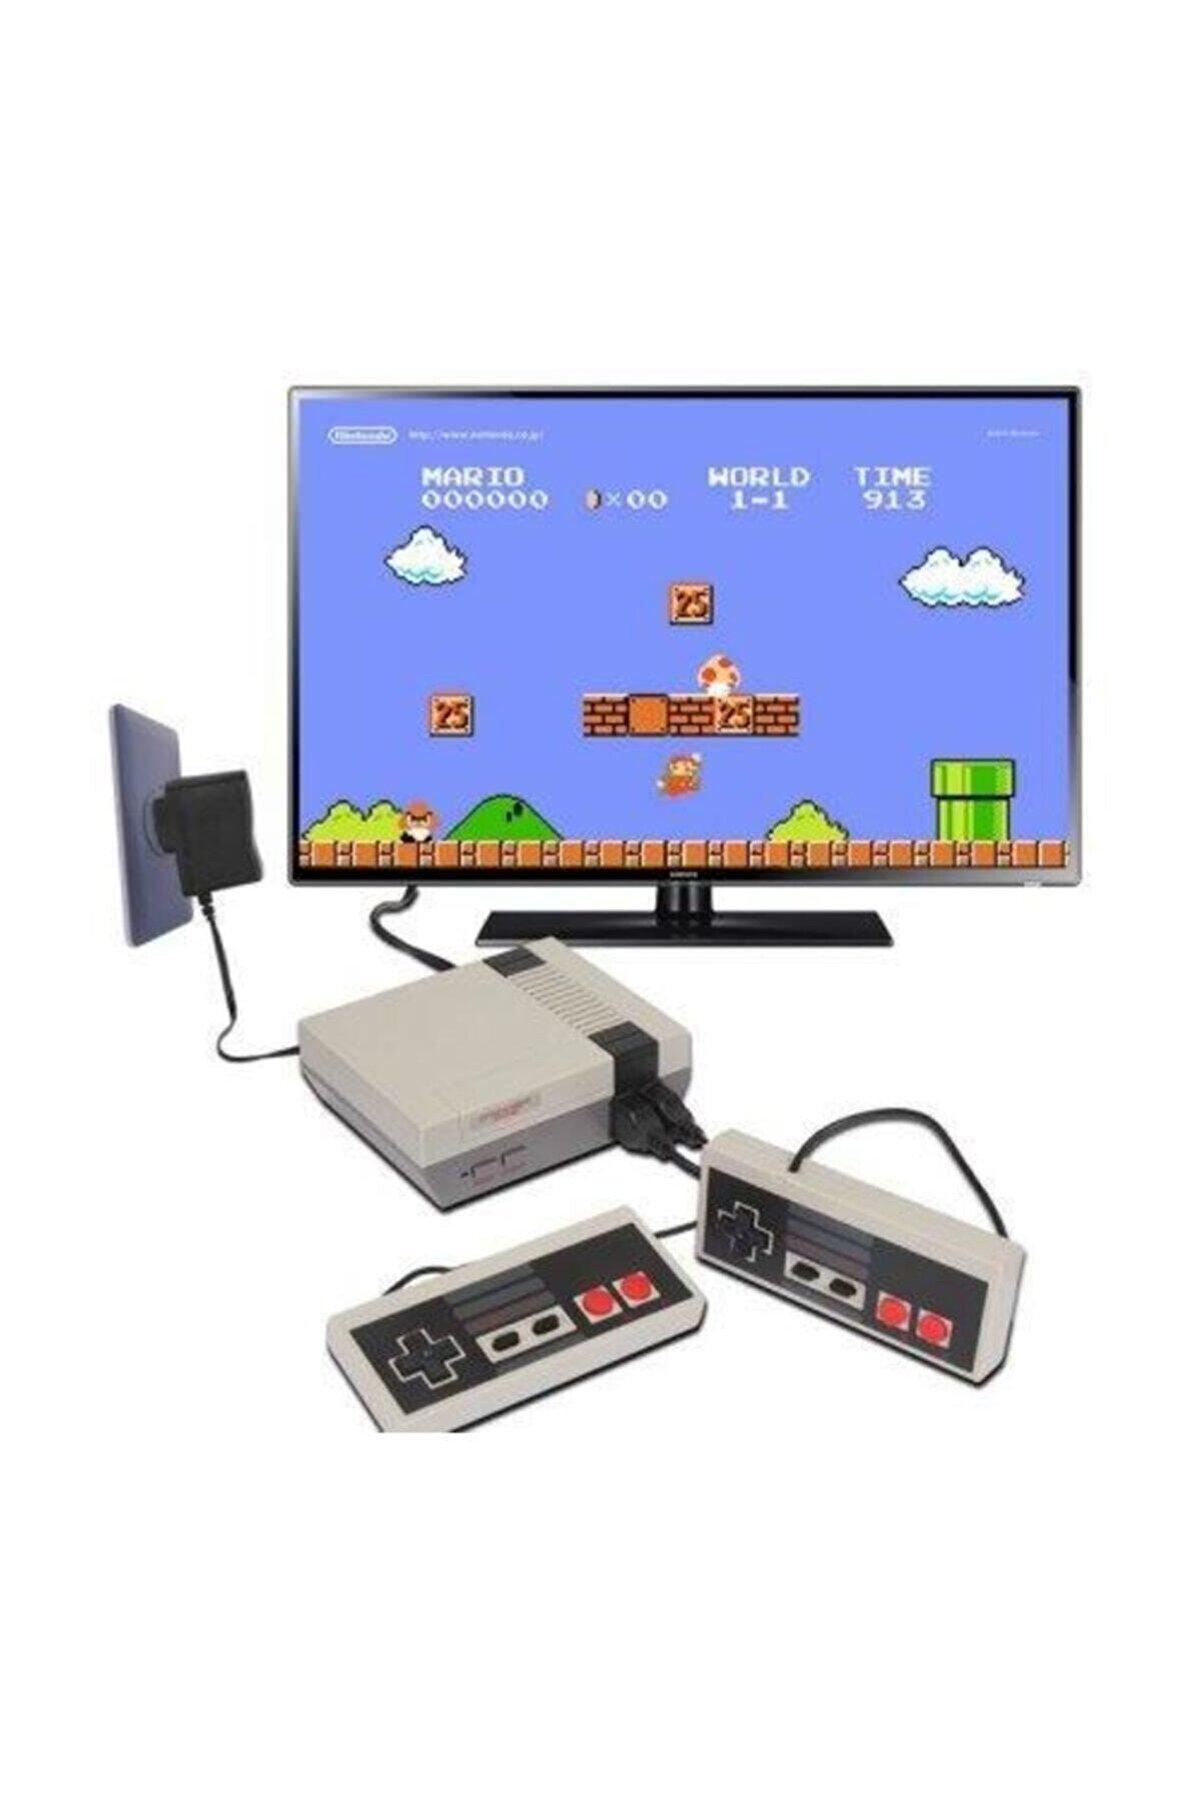 Atari Retro Mini 620 Mario Oyunlu Av Retro Mini Oyun Konsolu (SCART BASLIKSIZ)